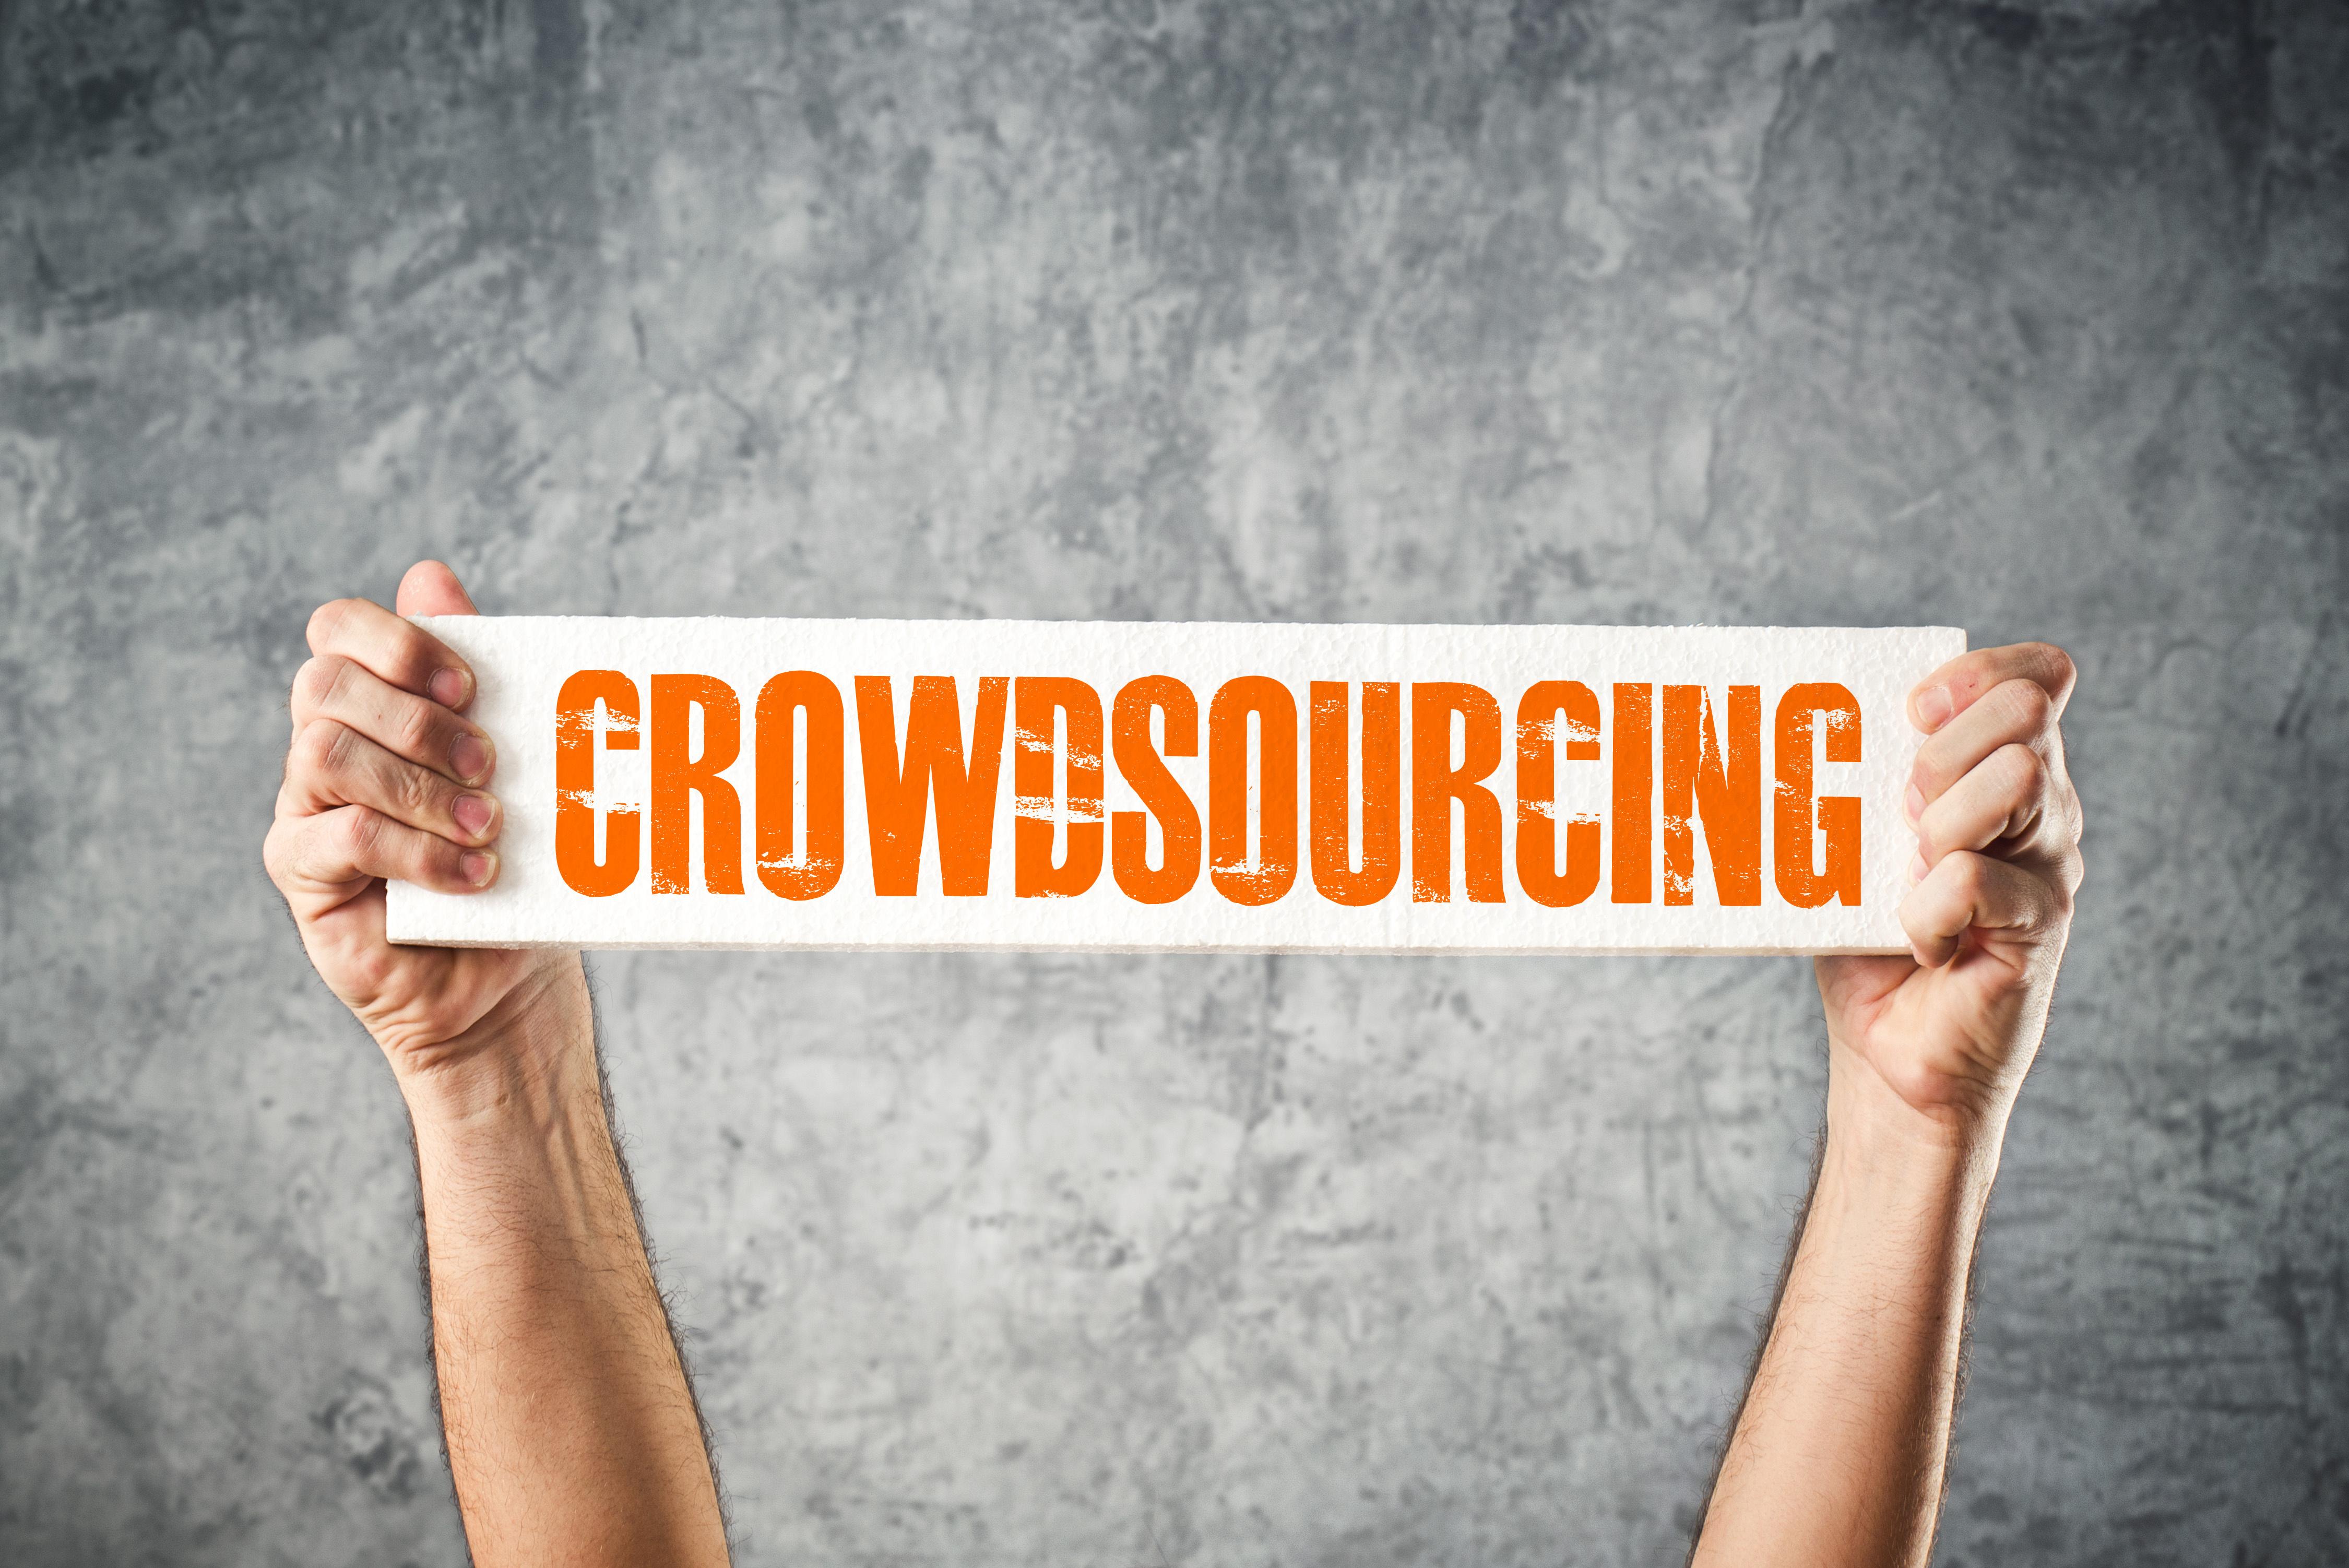 Le crowdsourcing : quand l'union fait la force